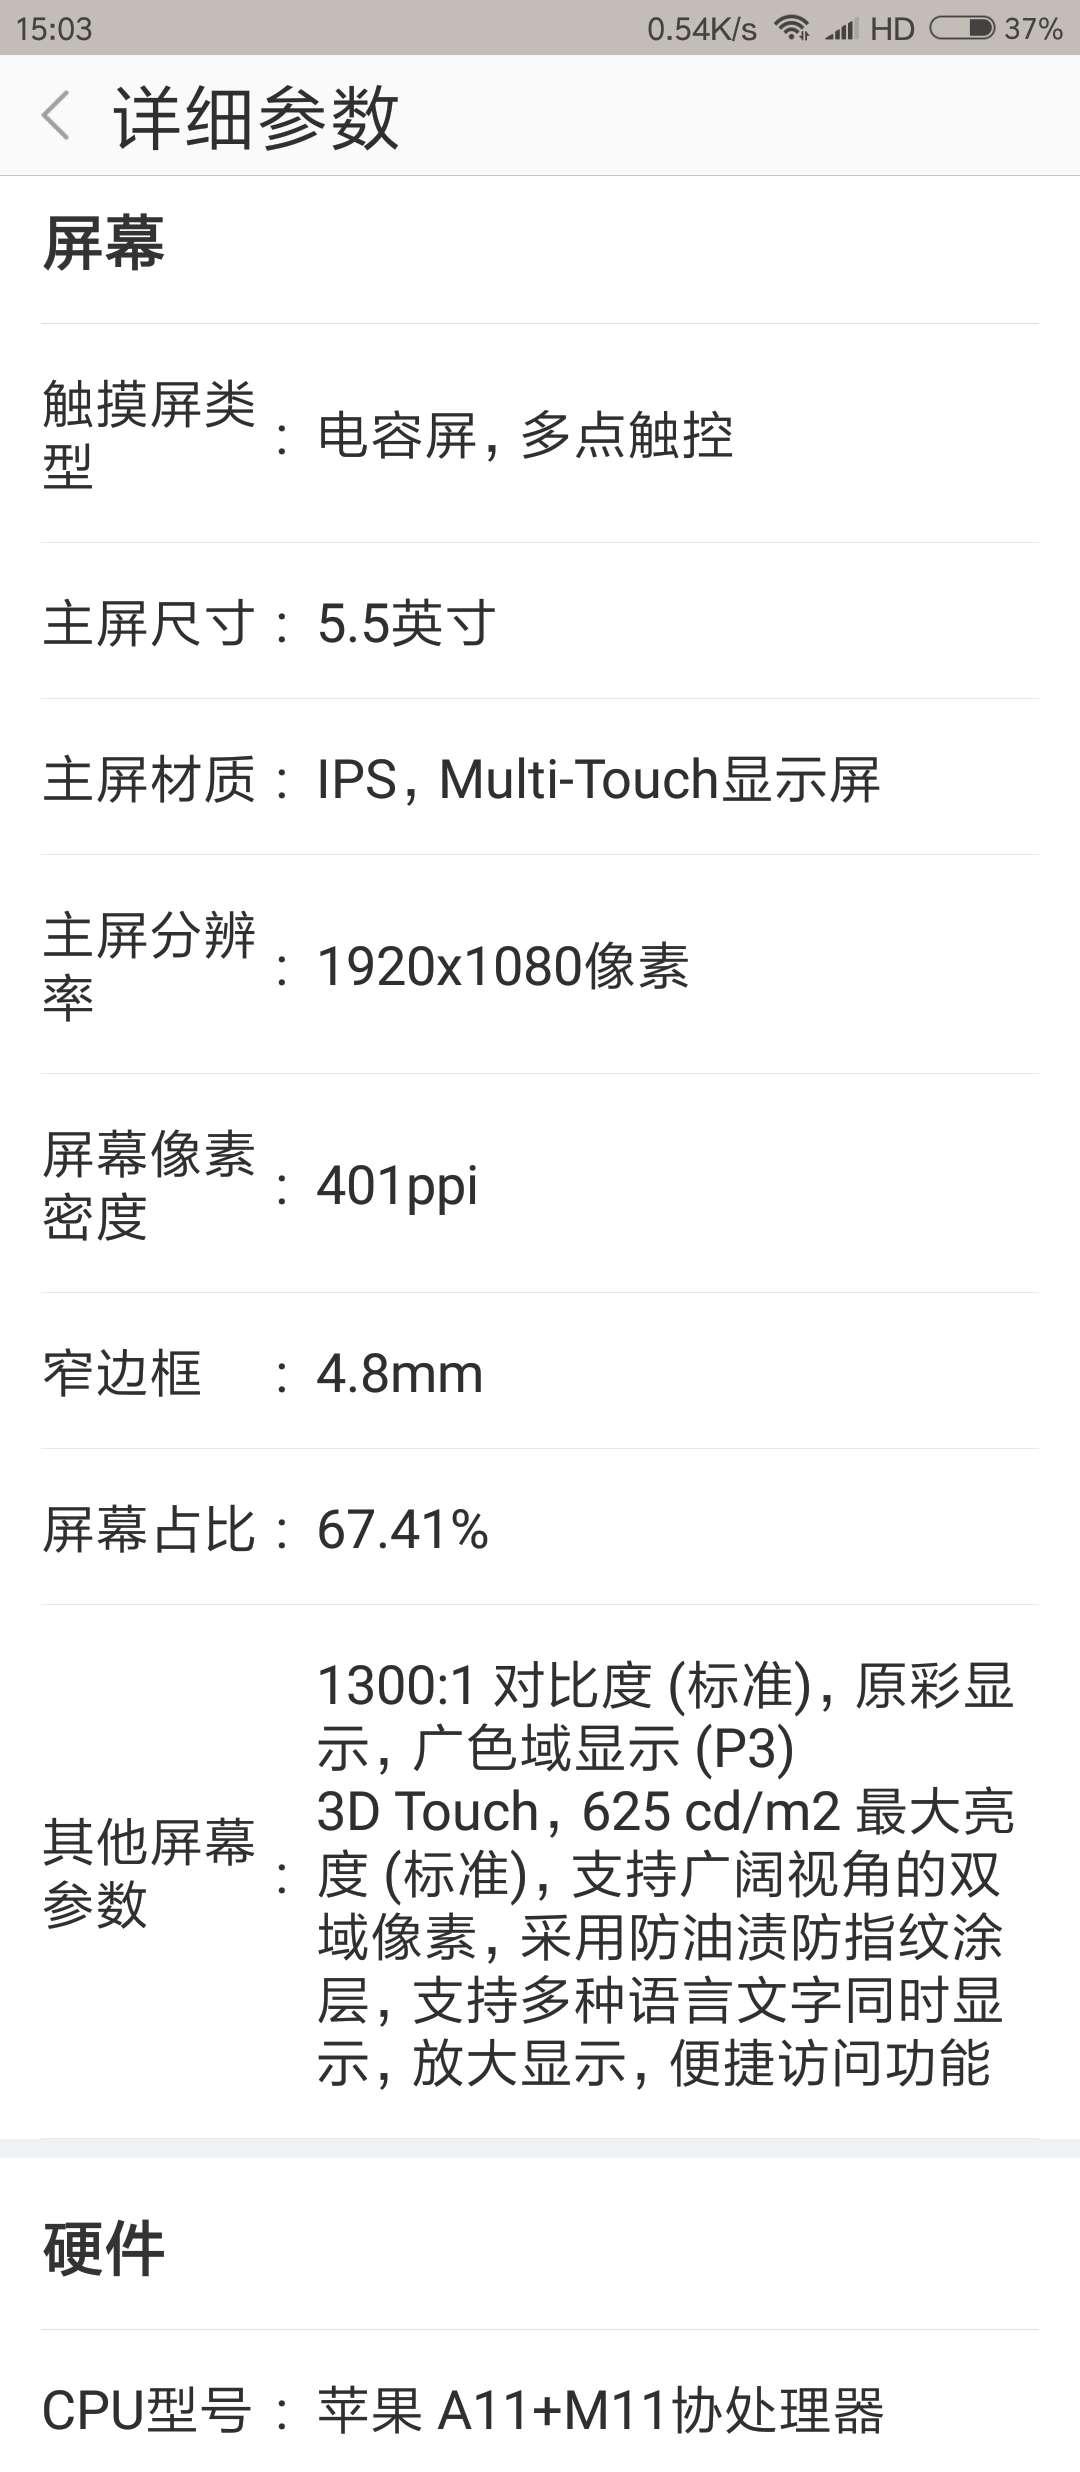 iphone8plus用的什么屏幕?